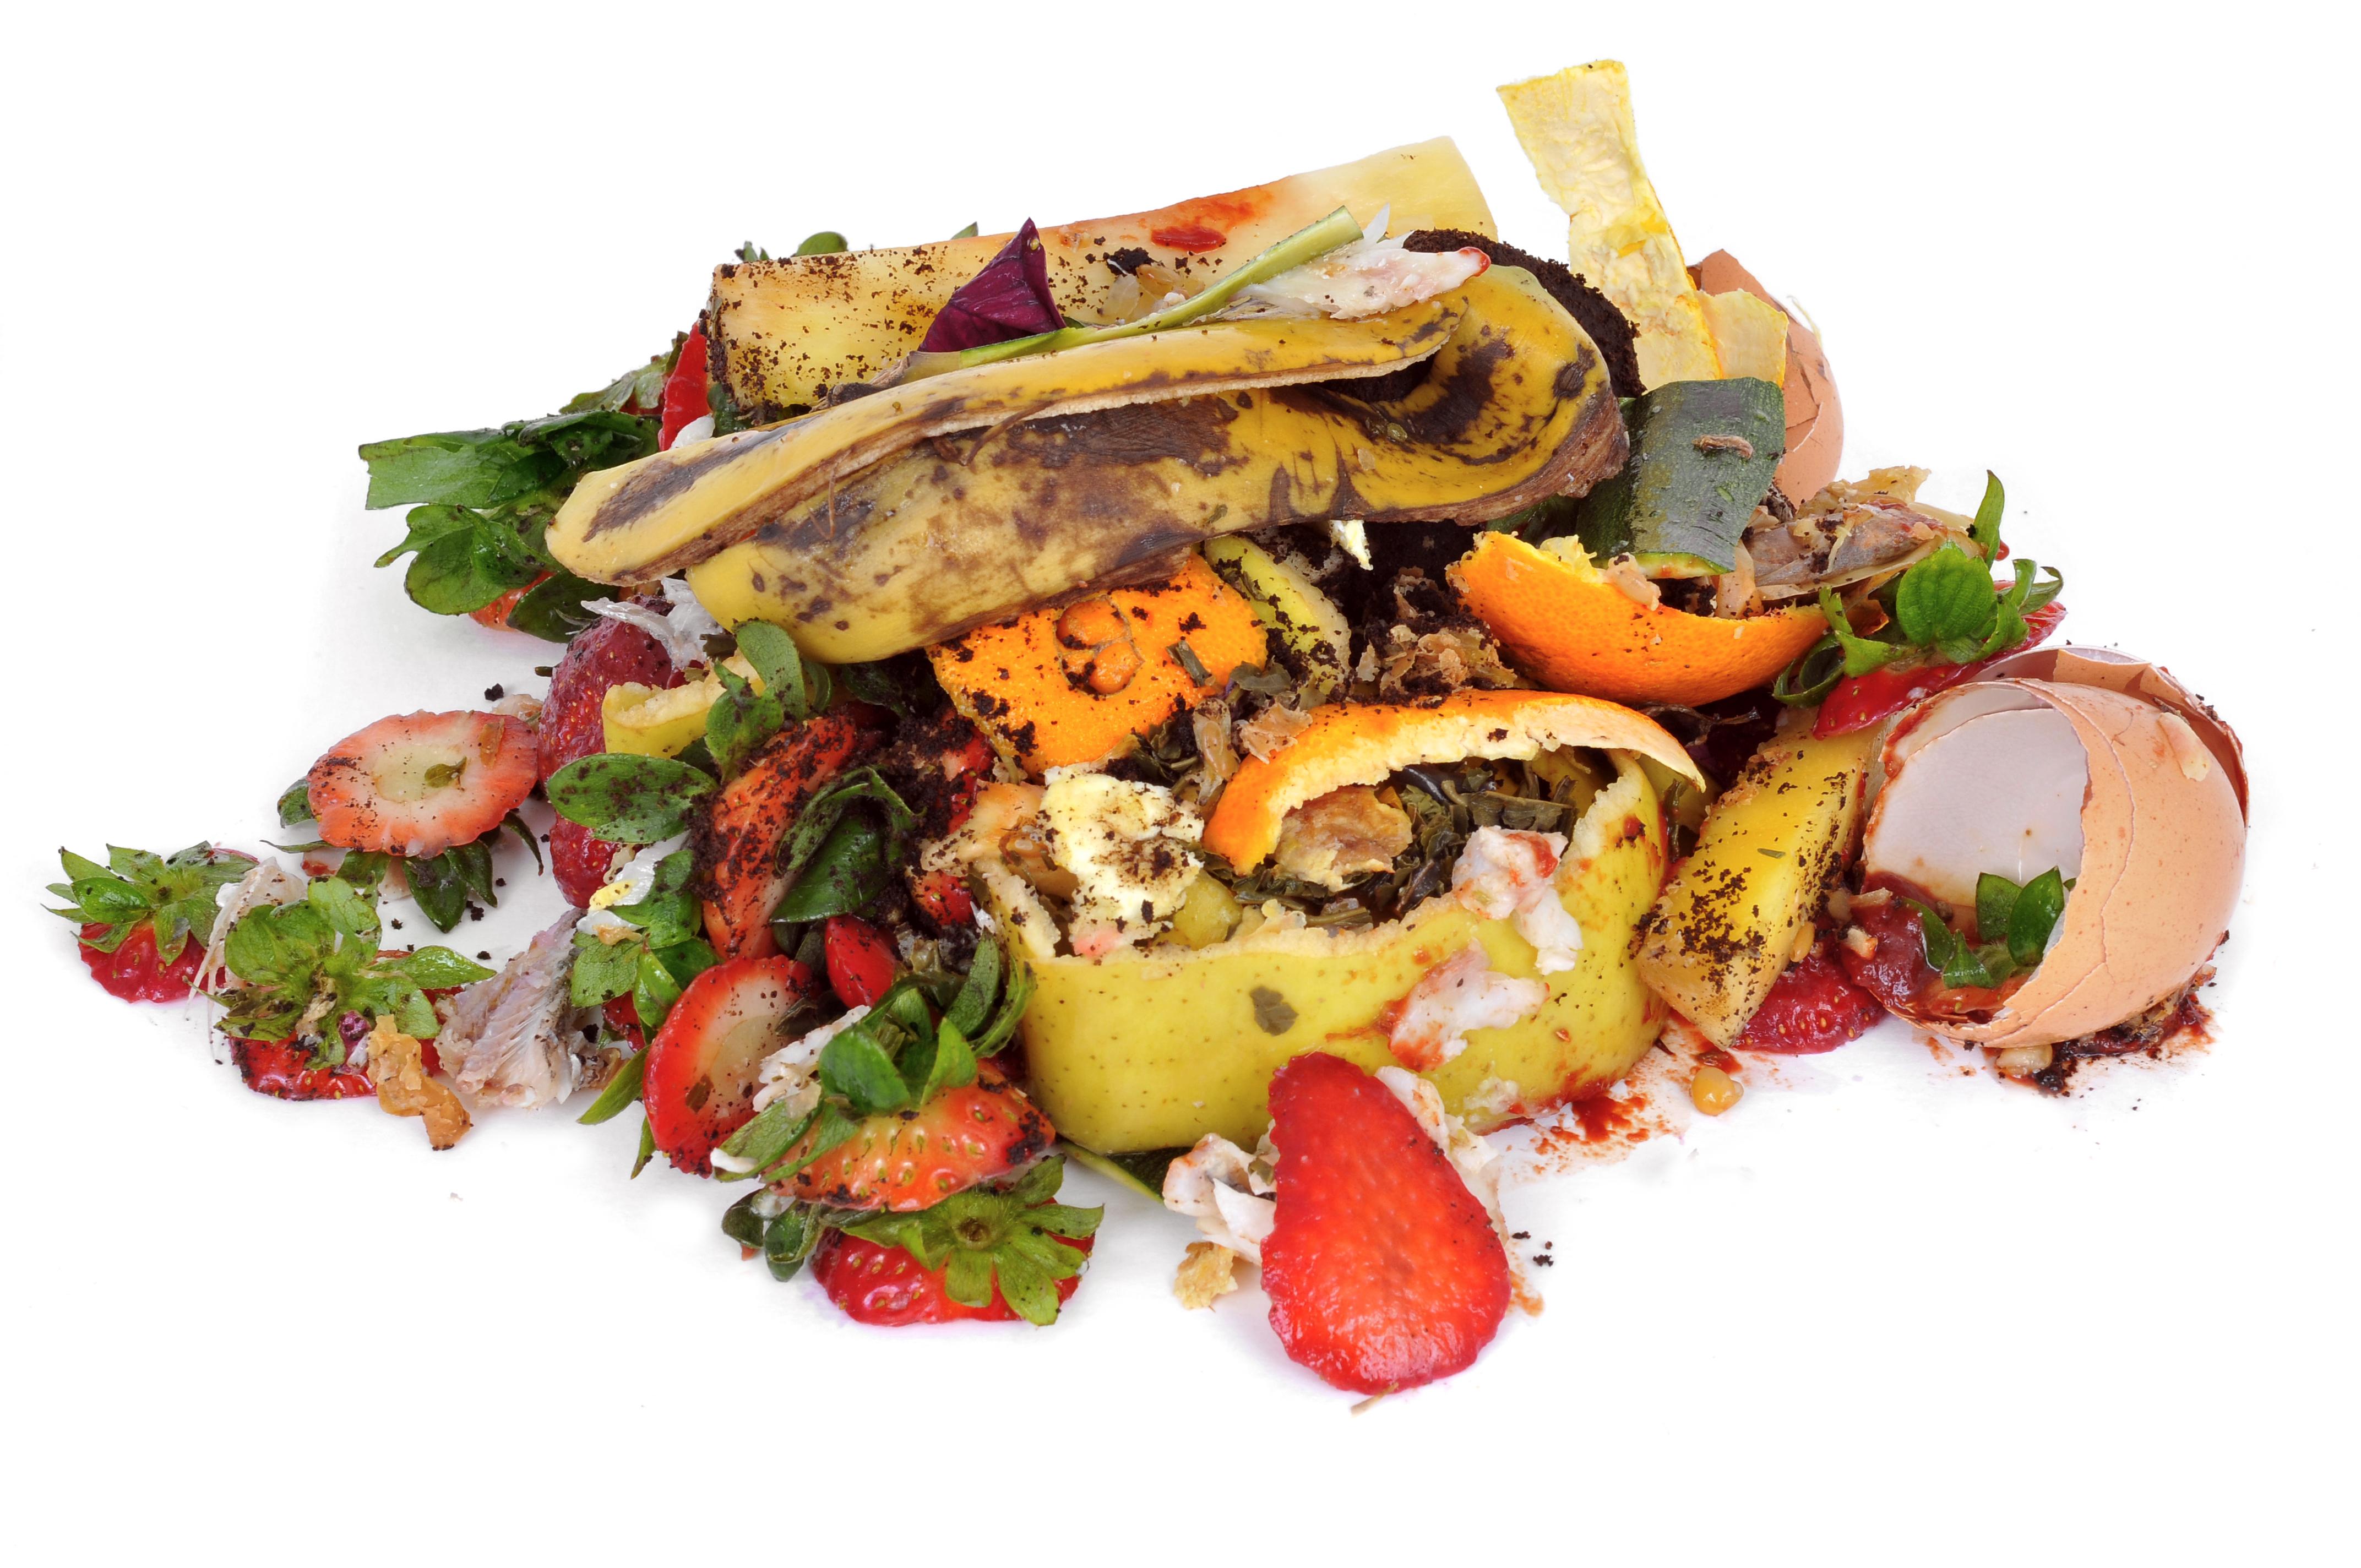 Een foto van resten eten die zorgen voor de grote voedselverspilling die we met z'n allen hebben